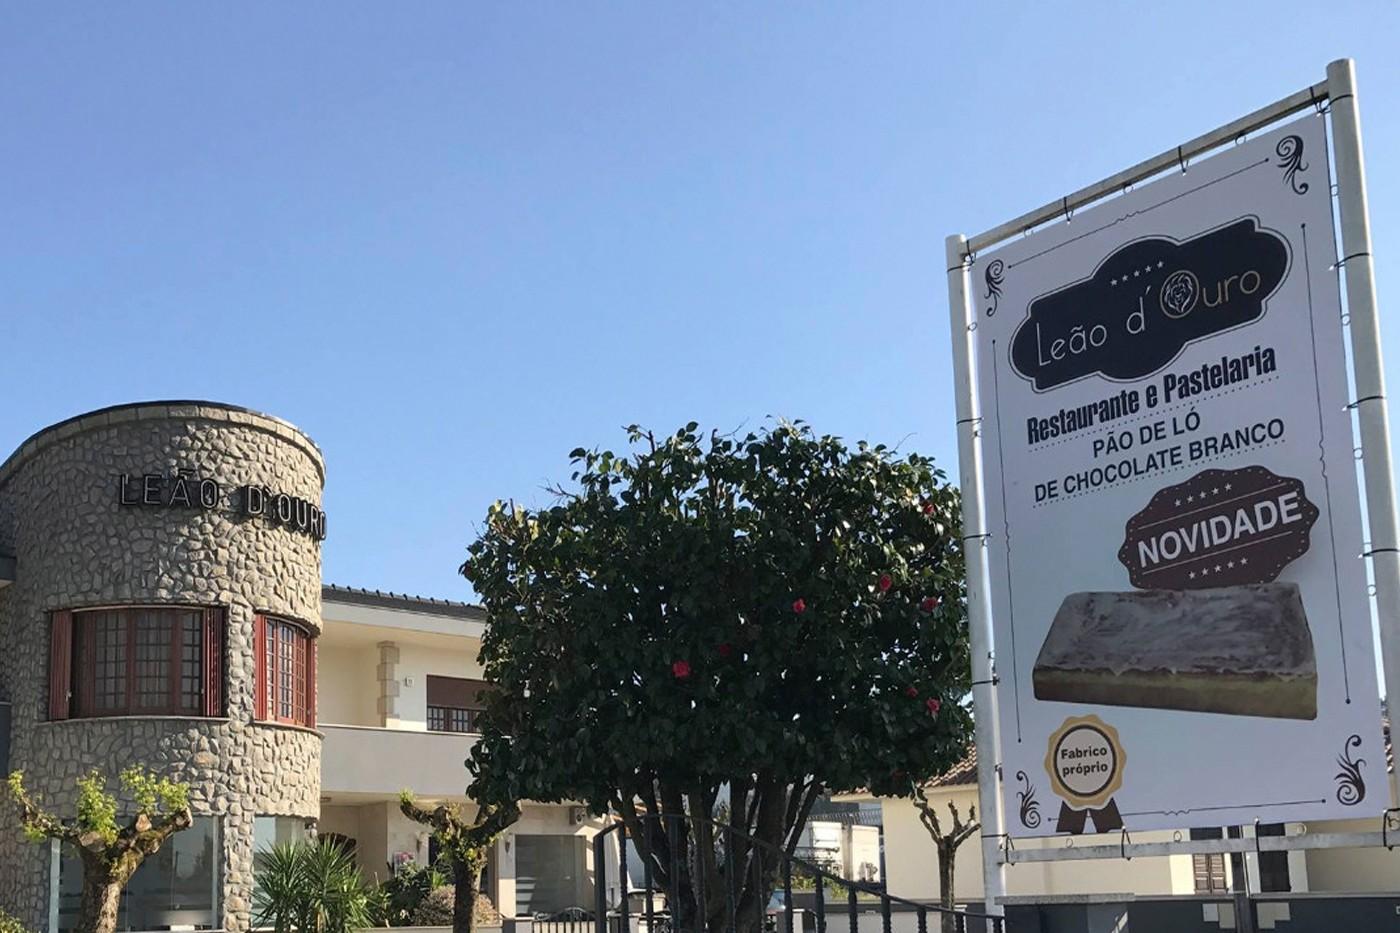 Leão D'Ouro - Restaurante e Pastelaria